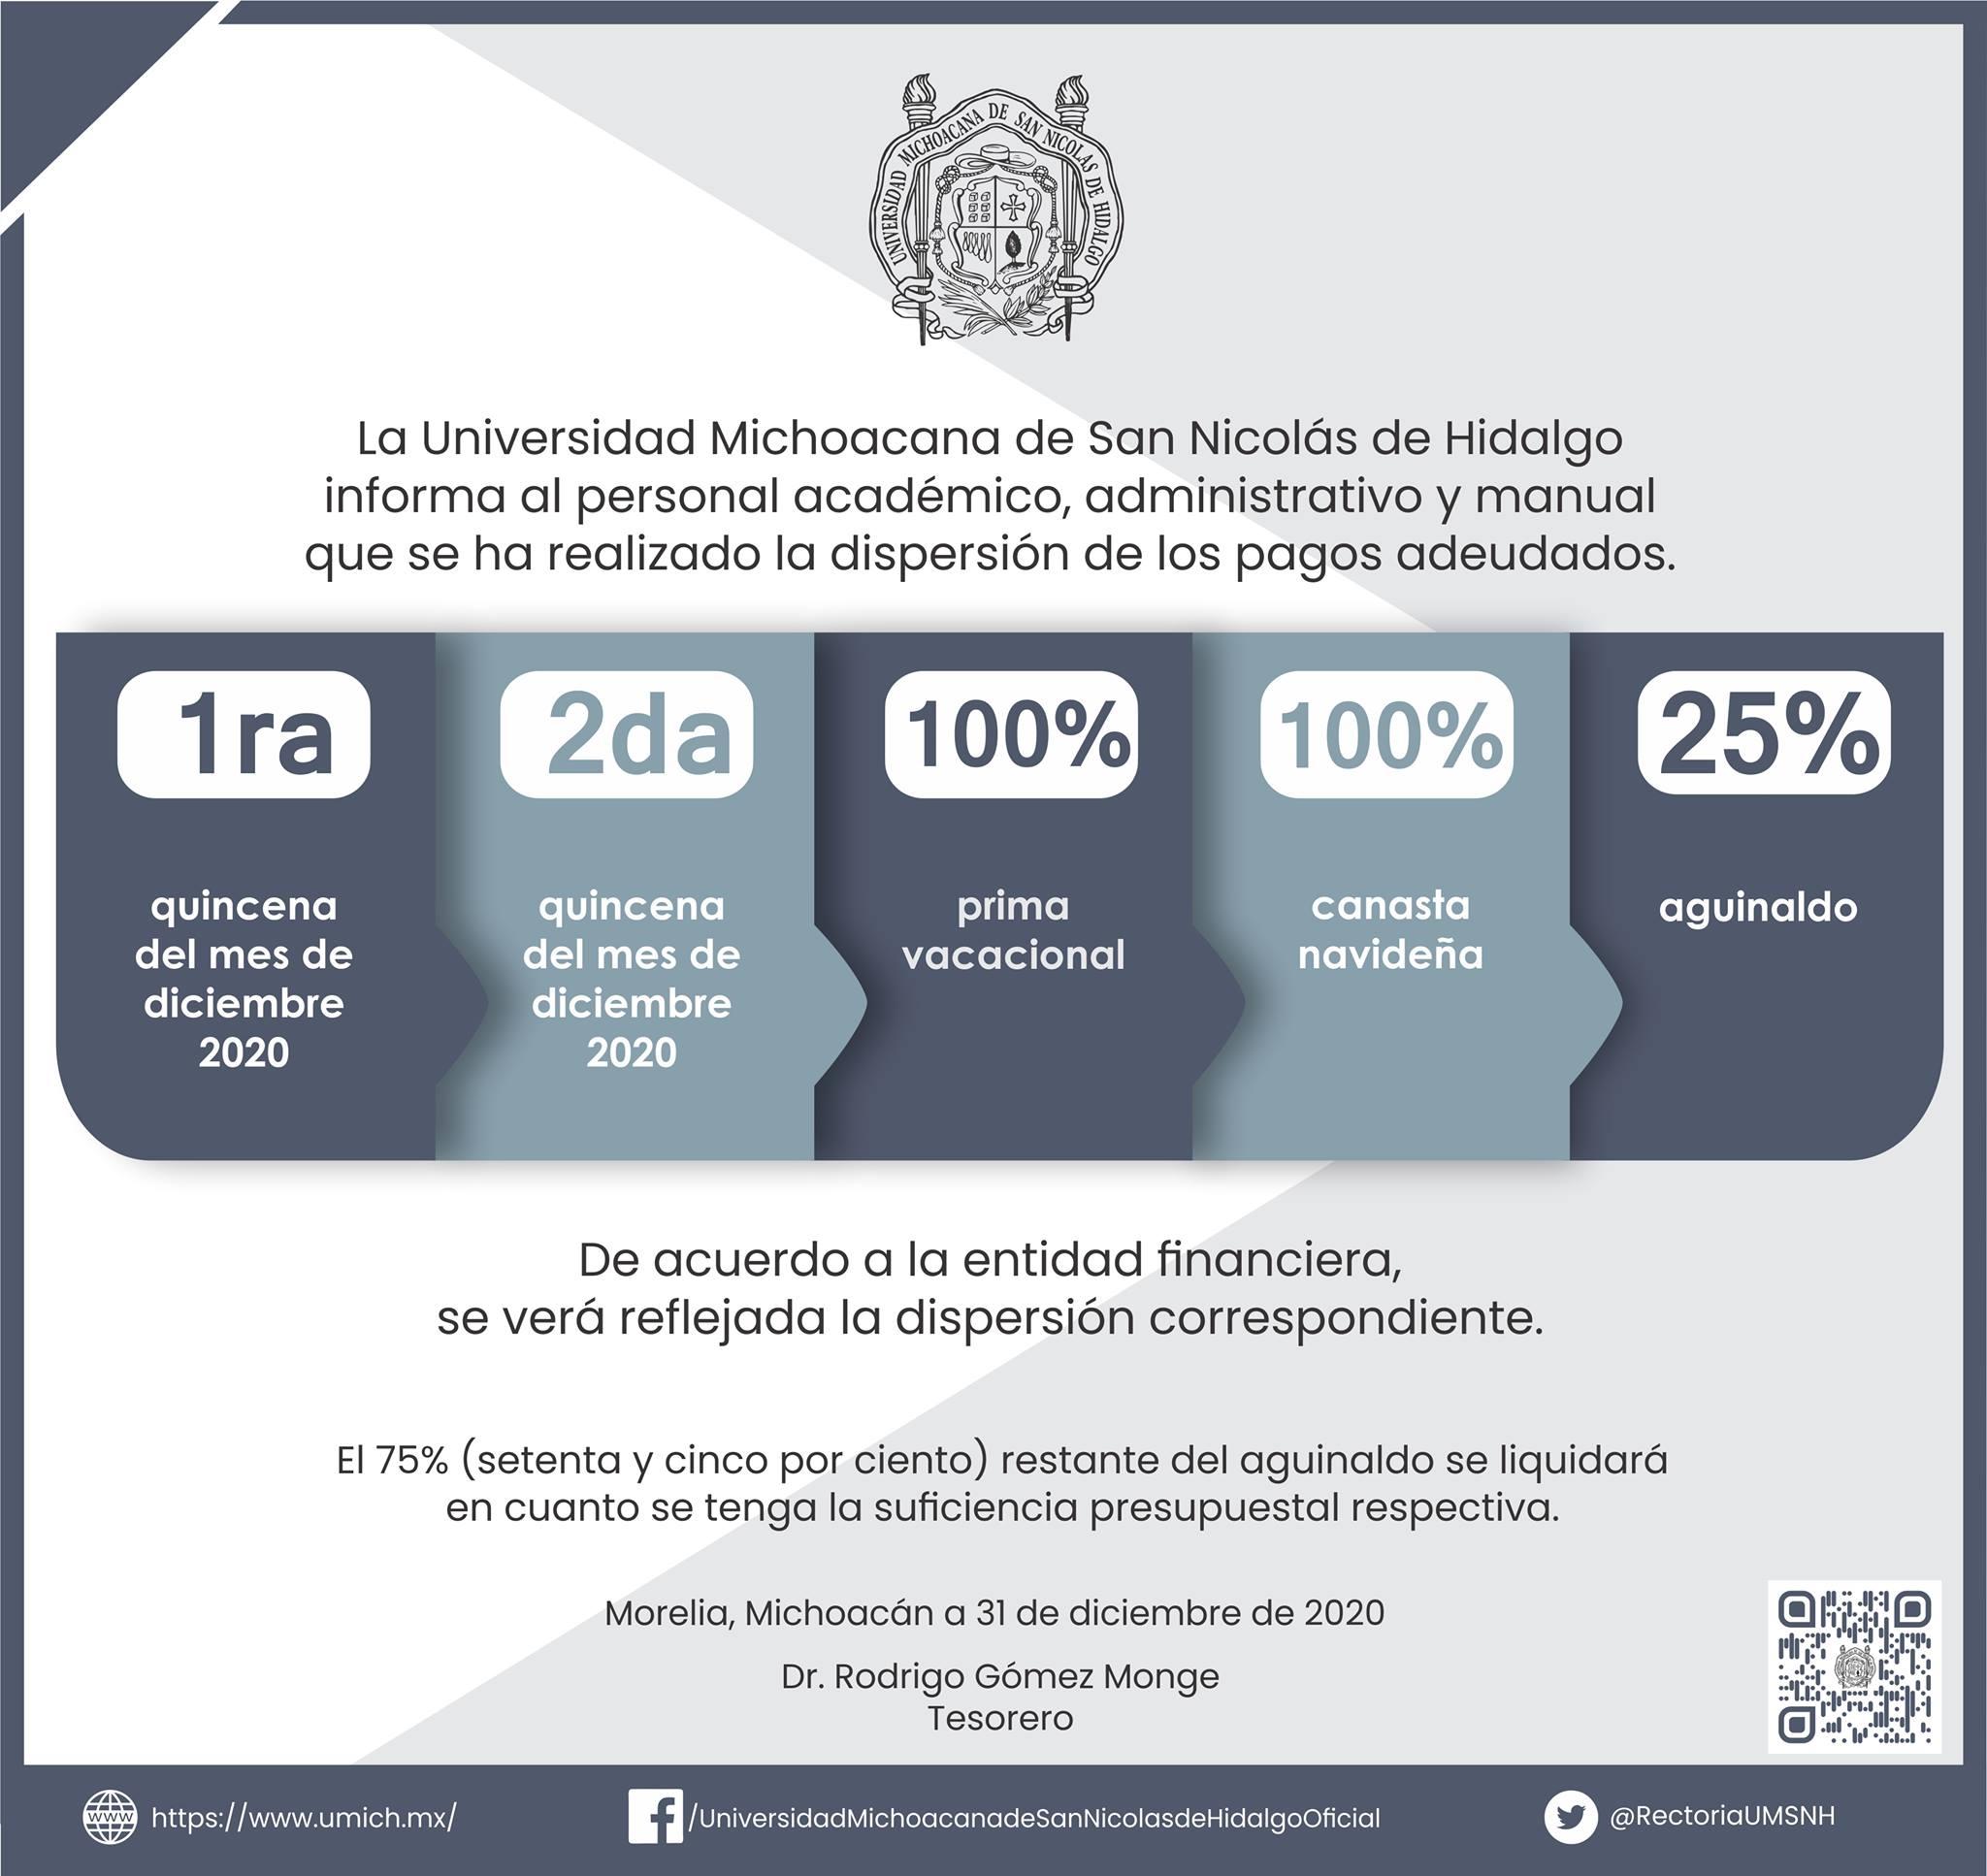 La Universidad Michoacana ha procedido a pagar adeudos del 2020 a trabajadores académicos y administrativos